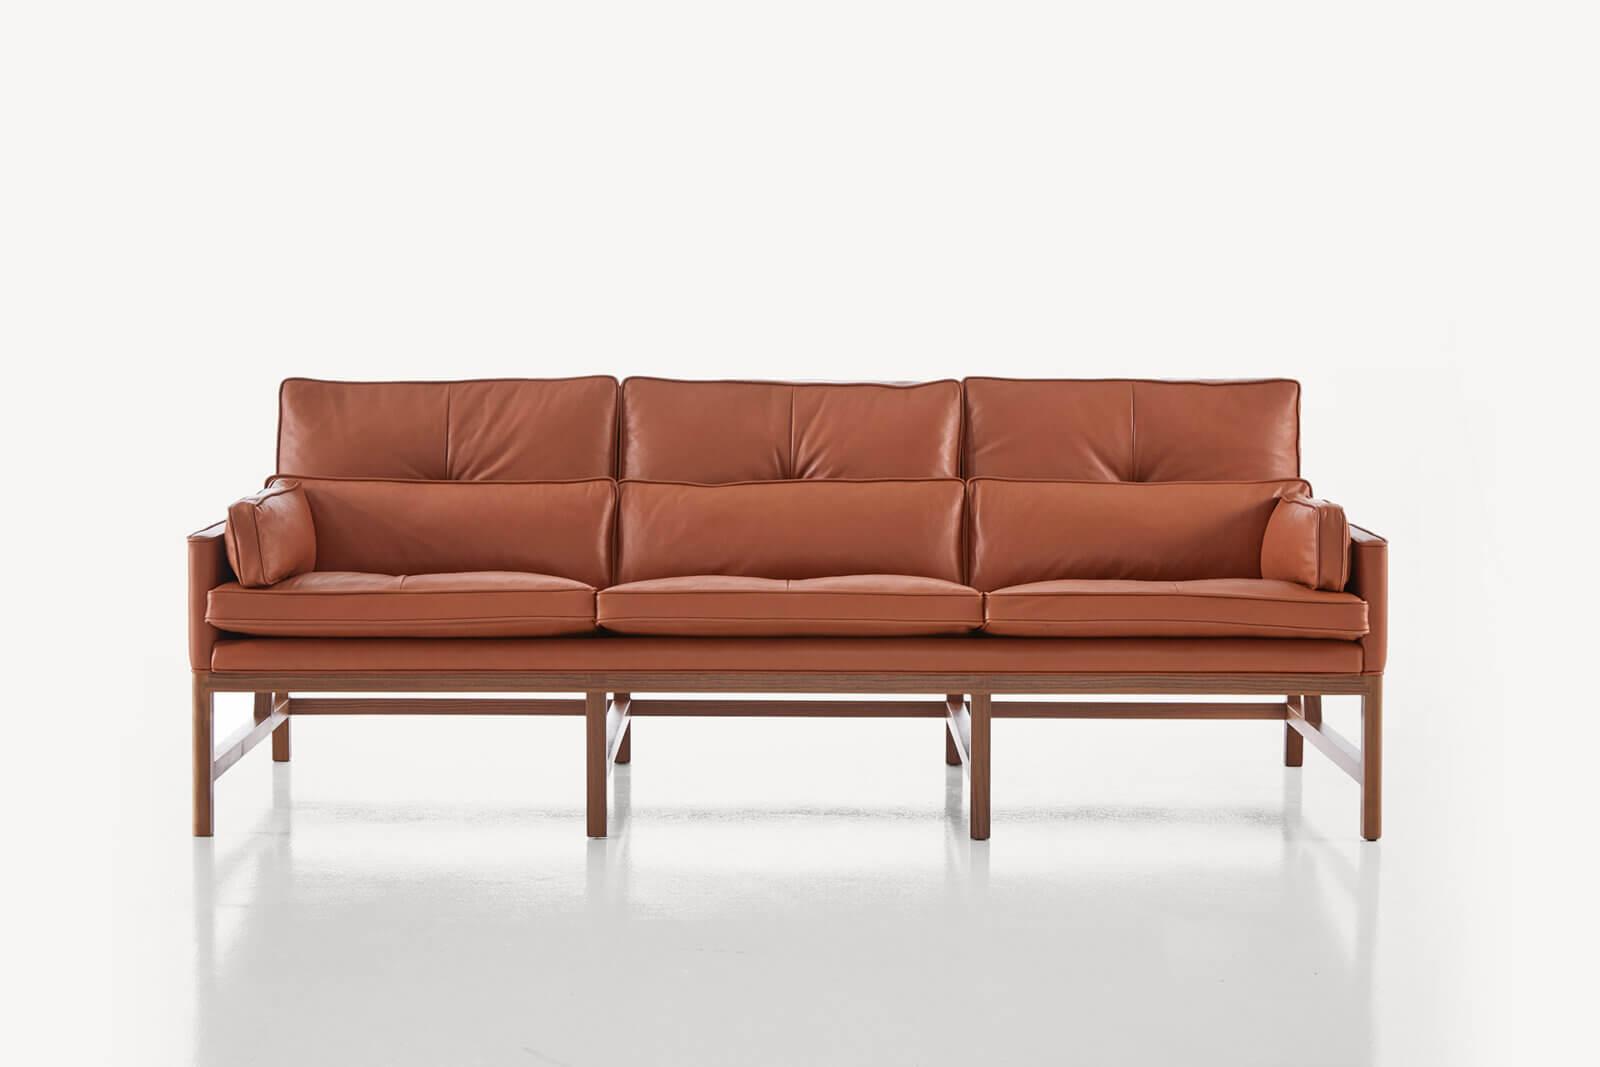 TinnappleMetz-bassamfellows-Wood-Frame-Sofa-04